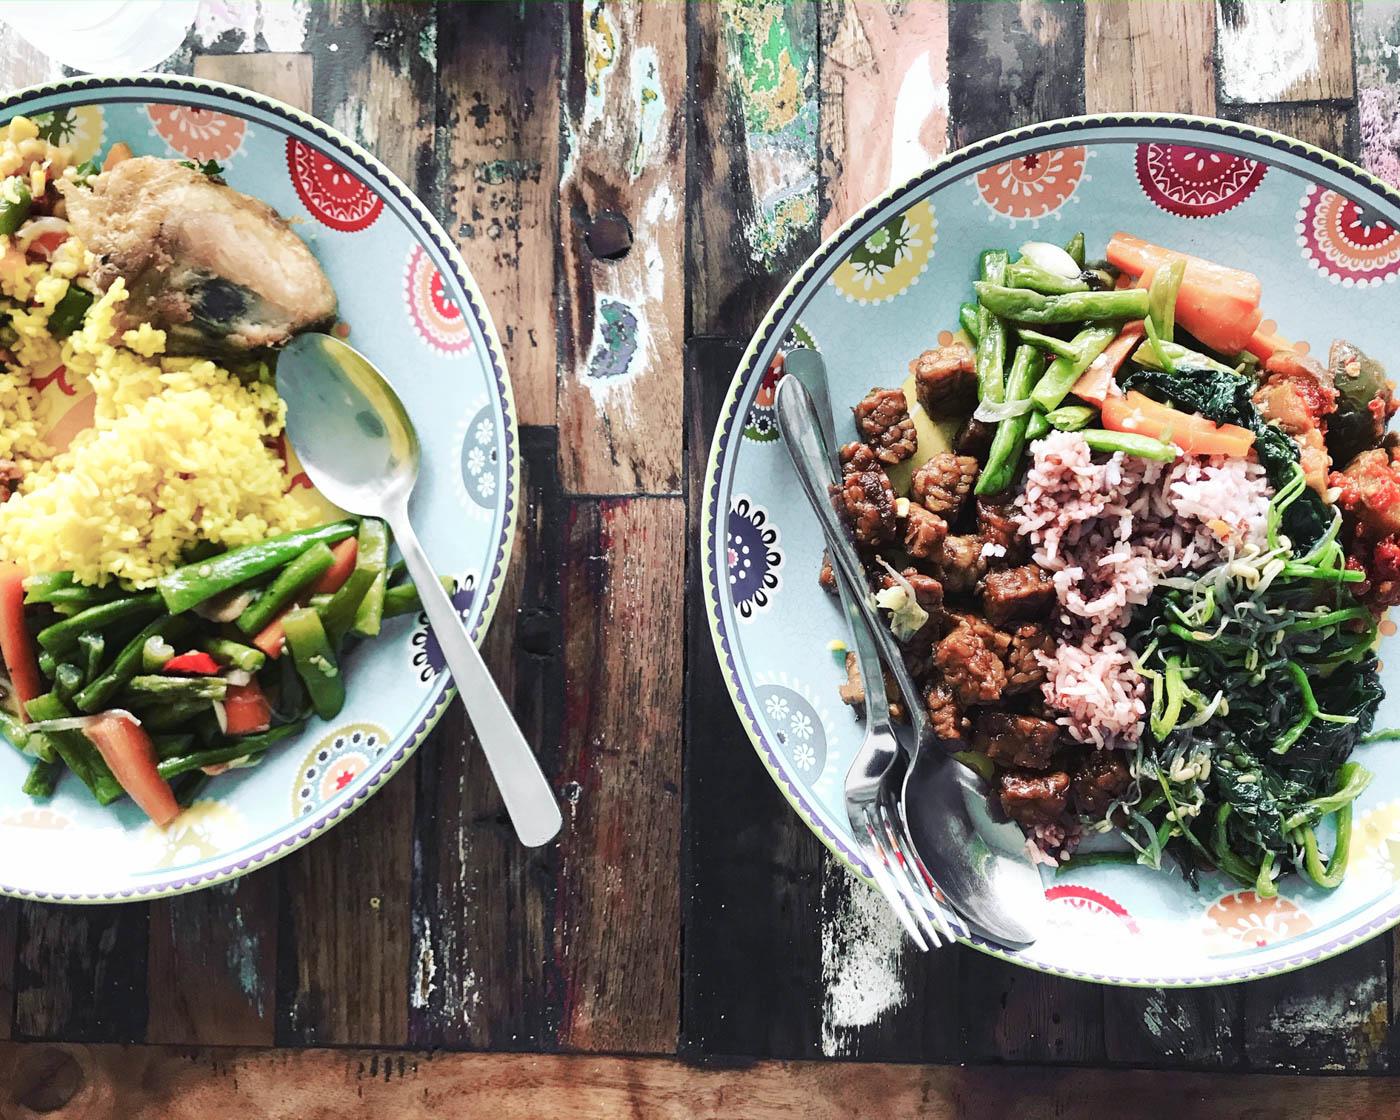 BALI: I TREND DALL'ISOLA PIÙ AMATA DAI FOOD BLOGGER